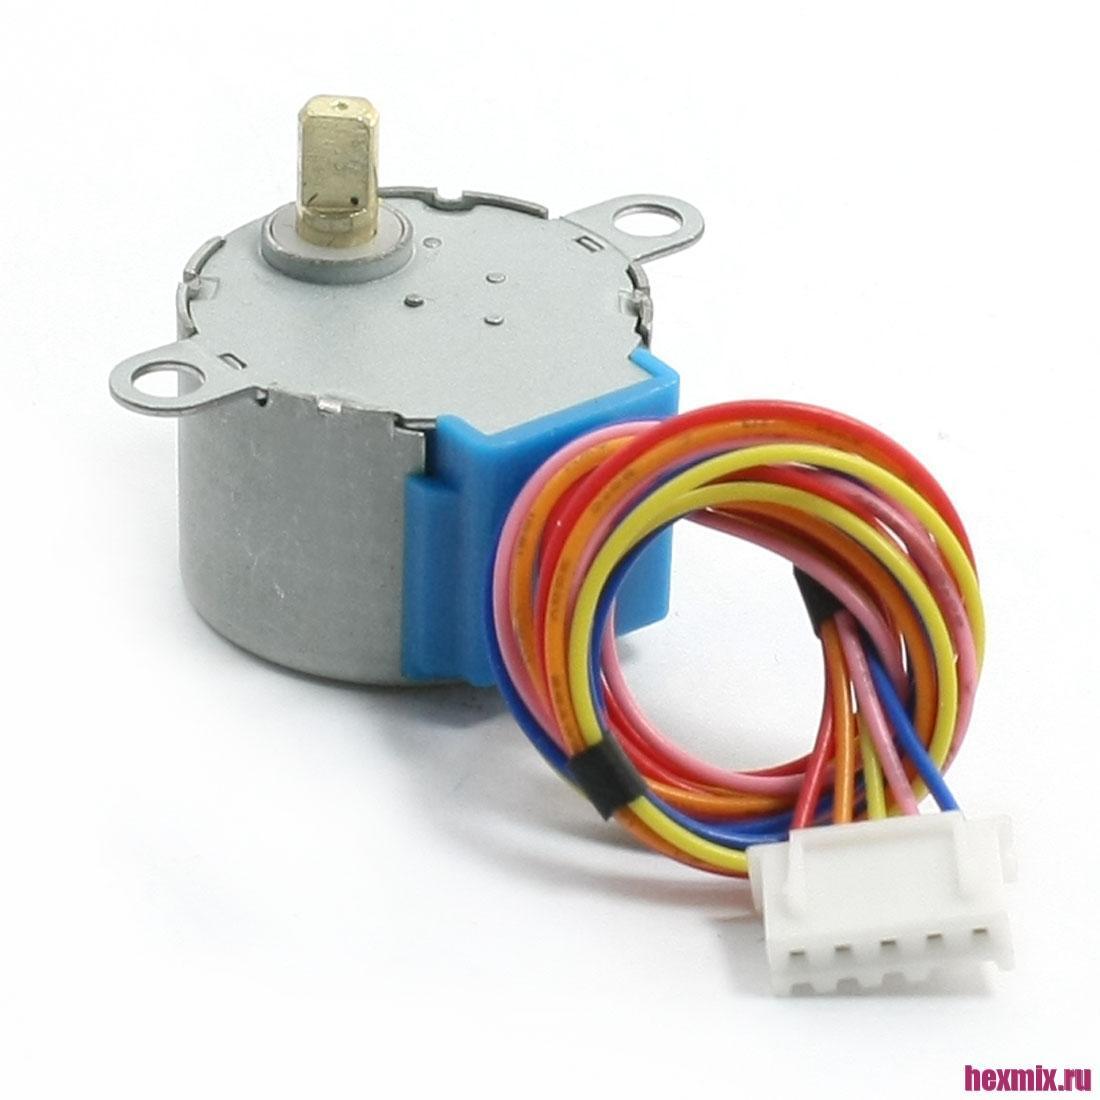 28byj-48 Stepper Motor 4 Phase 5 Wire Gear Motor (напряжение-5в)